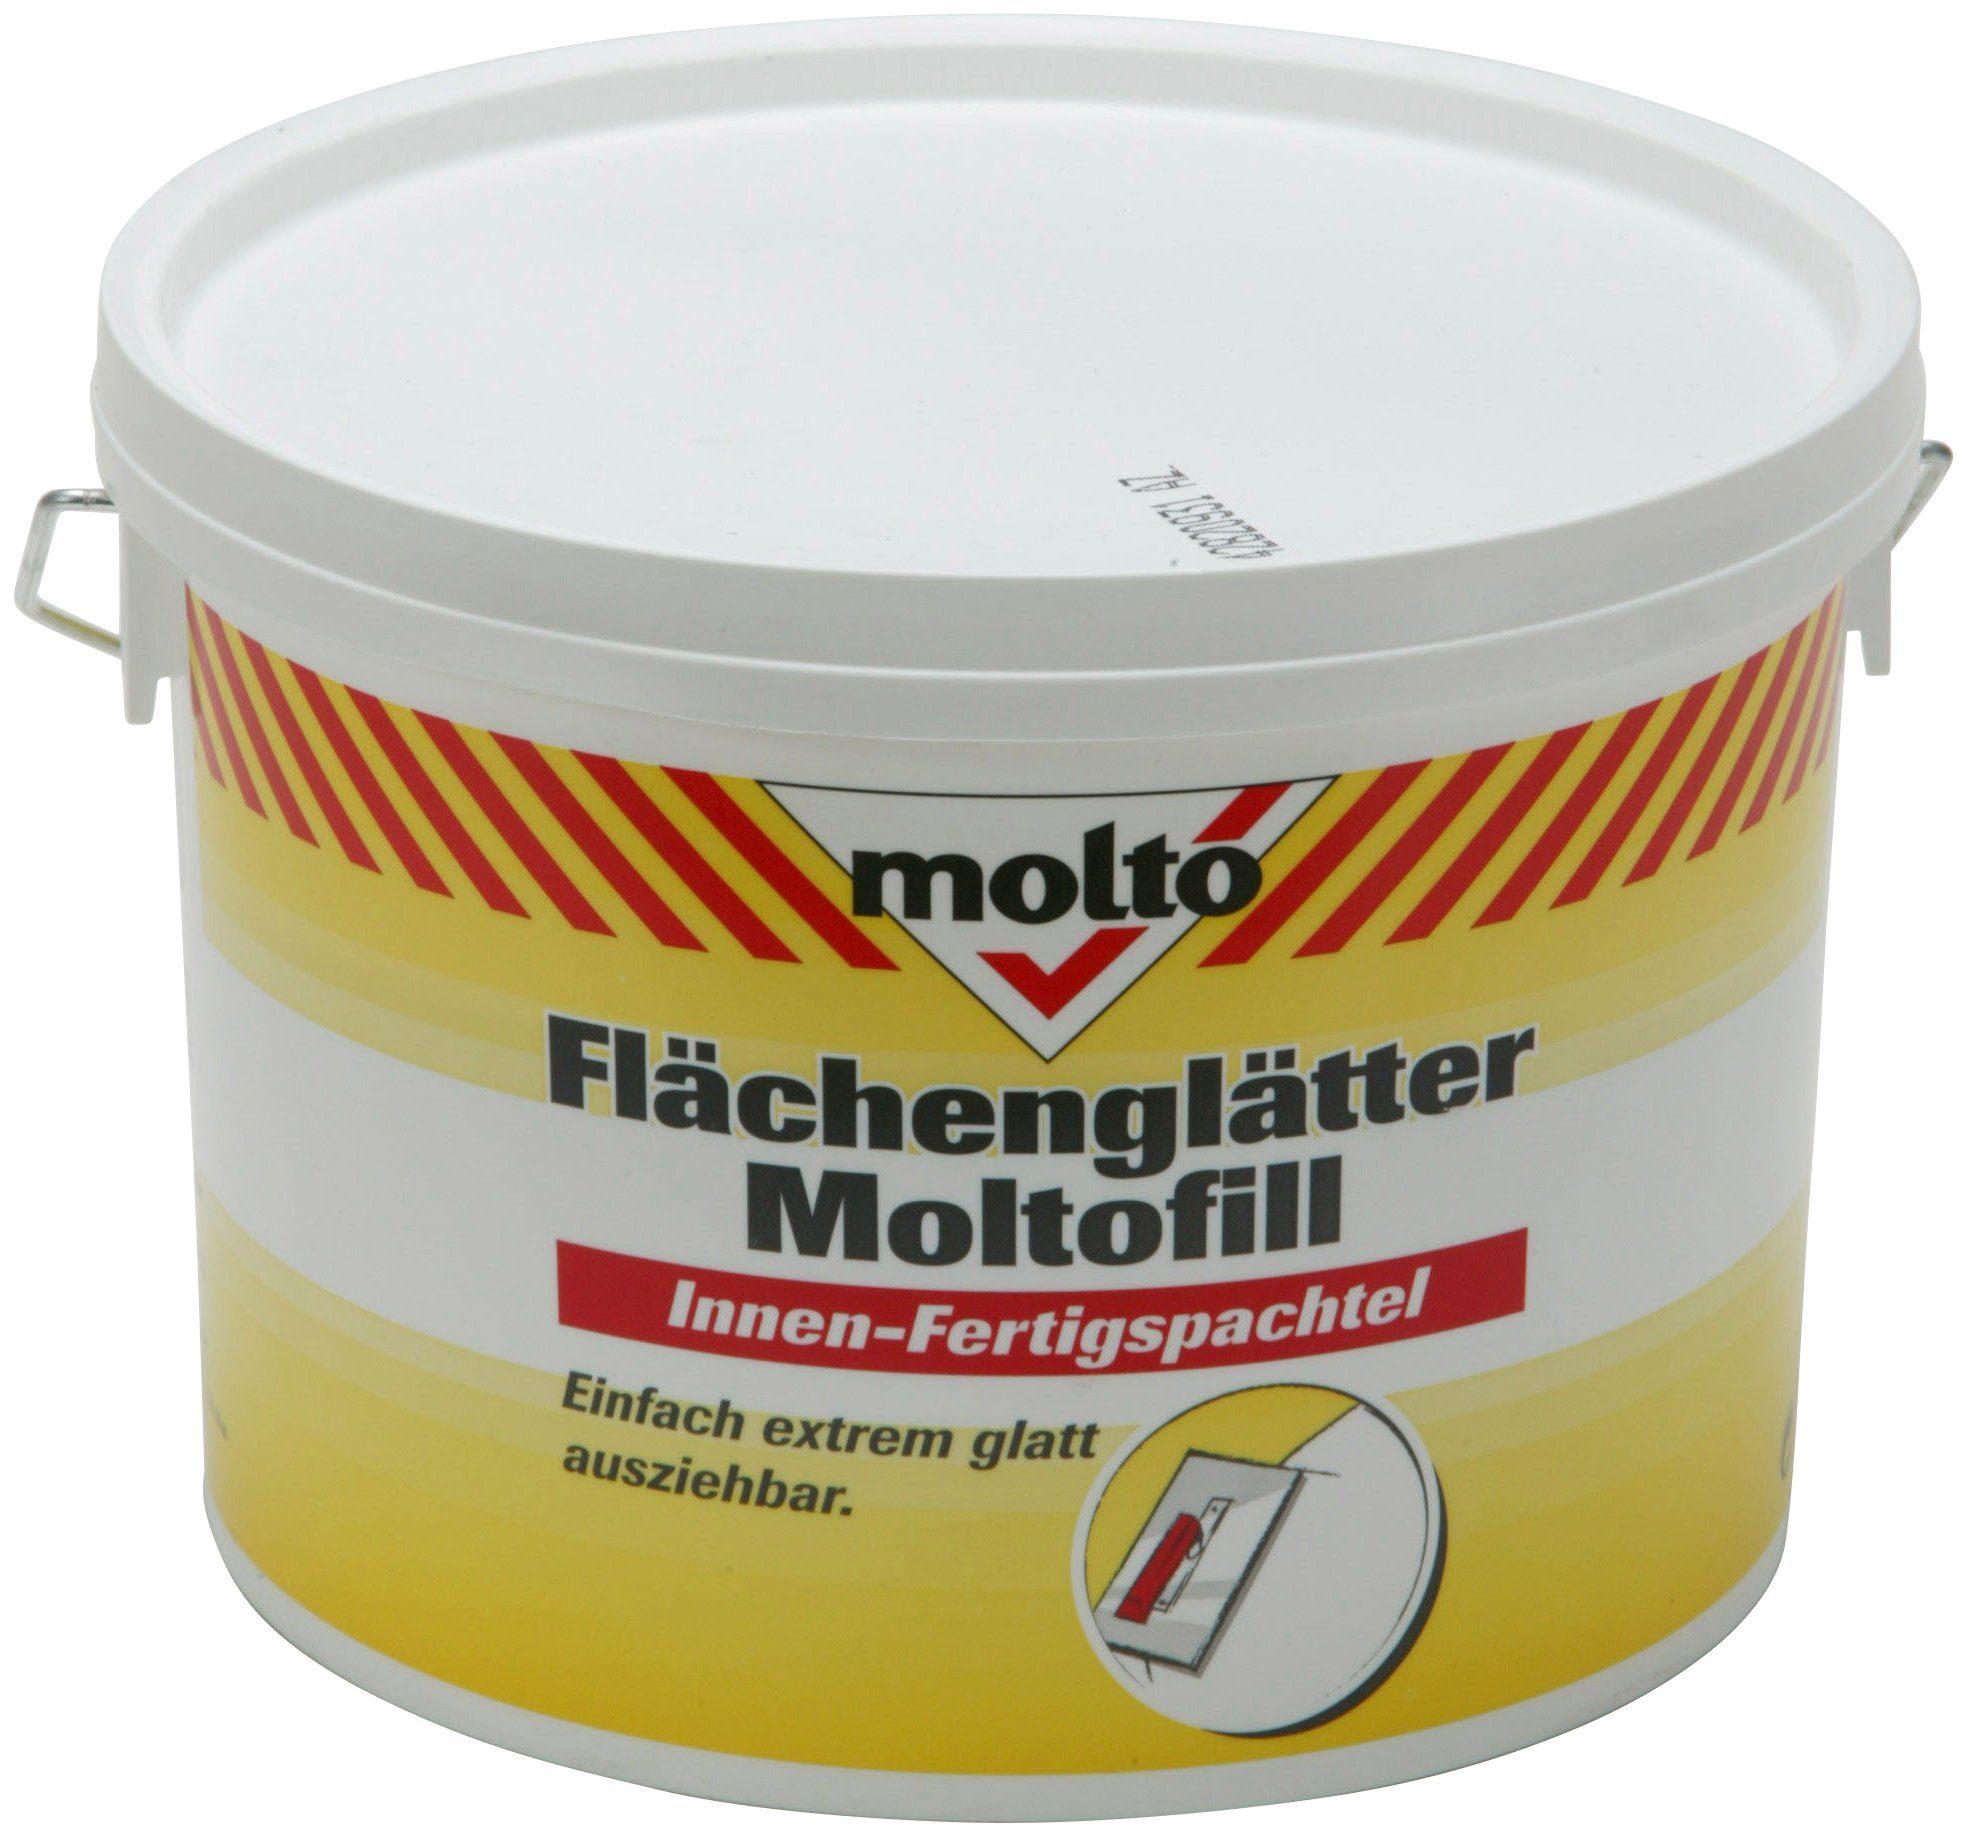 MOLTO Fertigspachtel »Flächenglätter Moltofill«, weiß, 5 kg